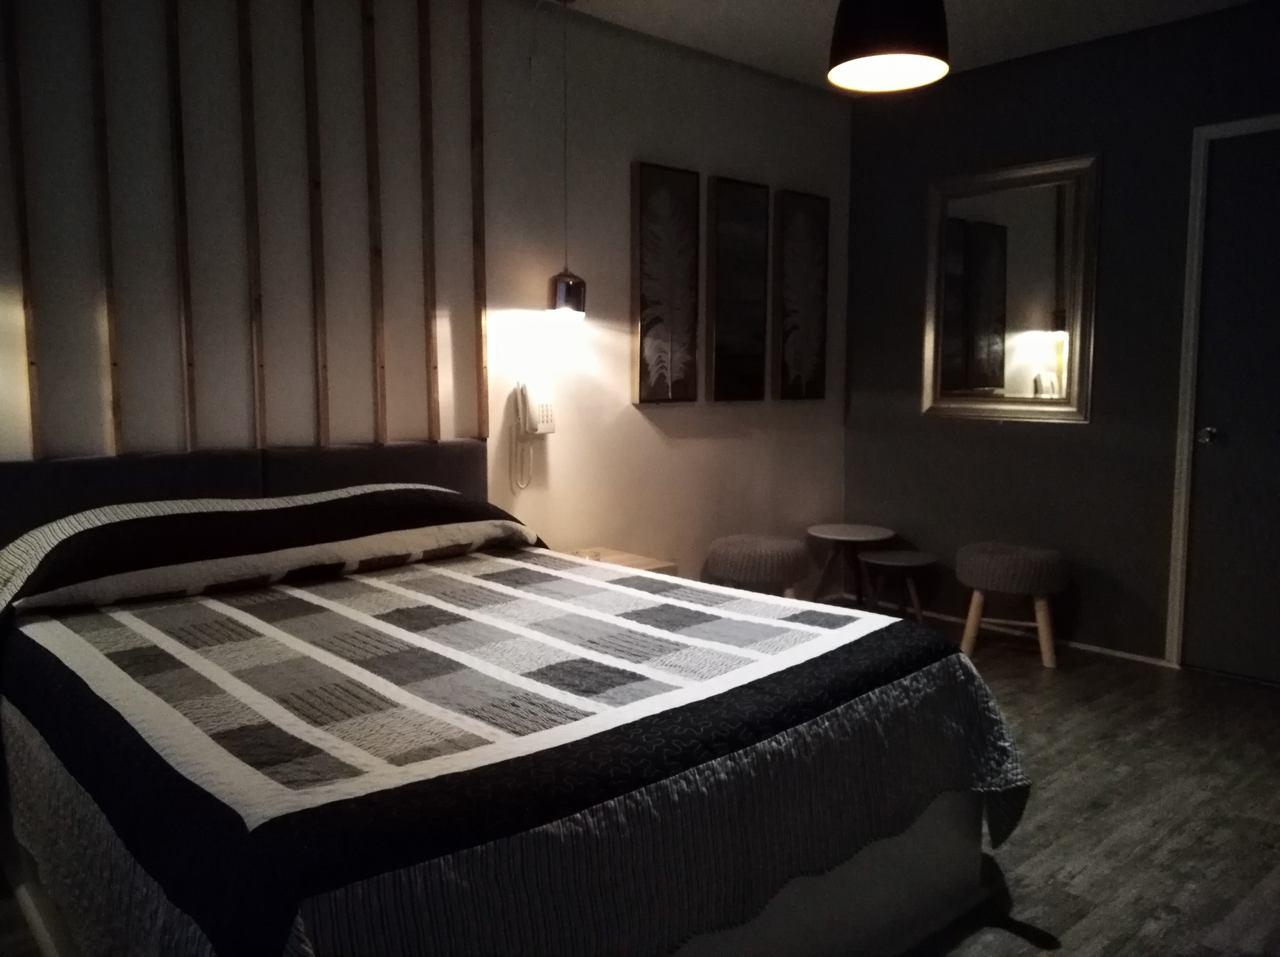 Habitación VIP en Hotel Voila La Moneda : MotelNow